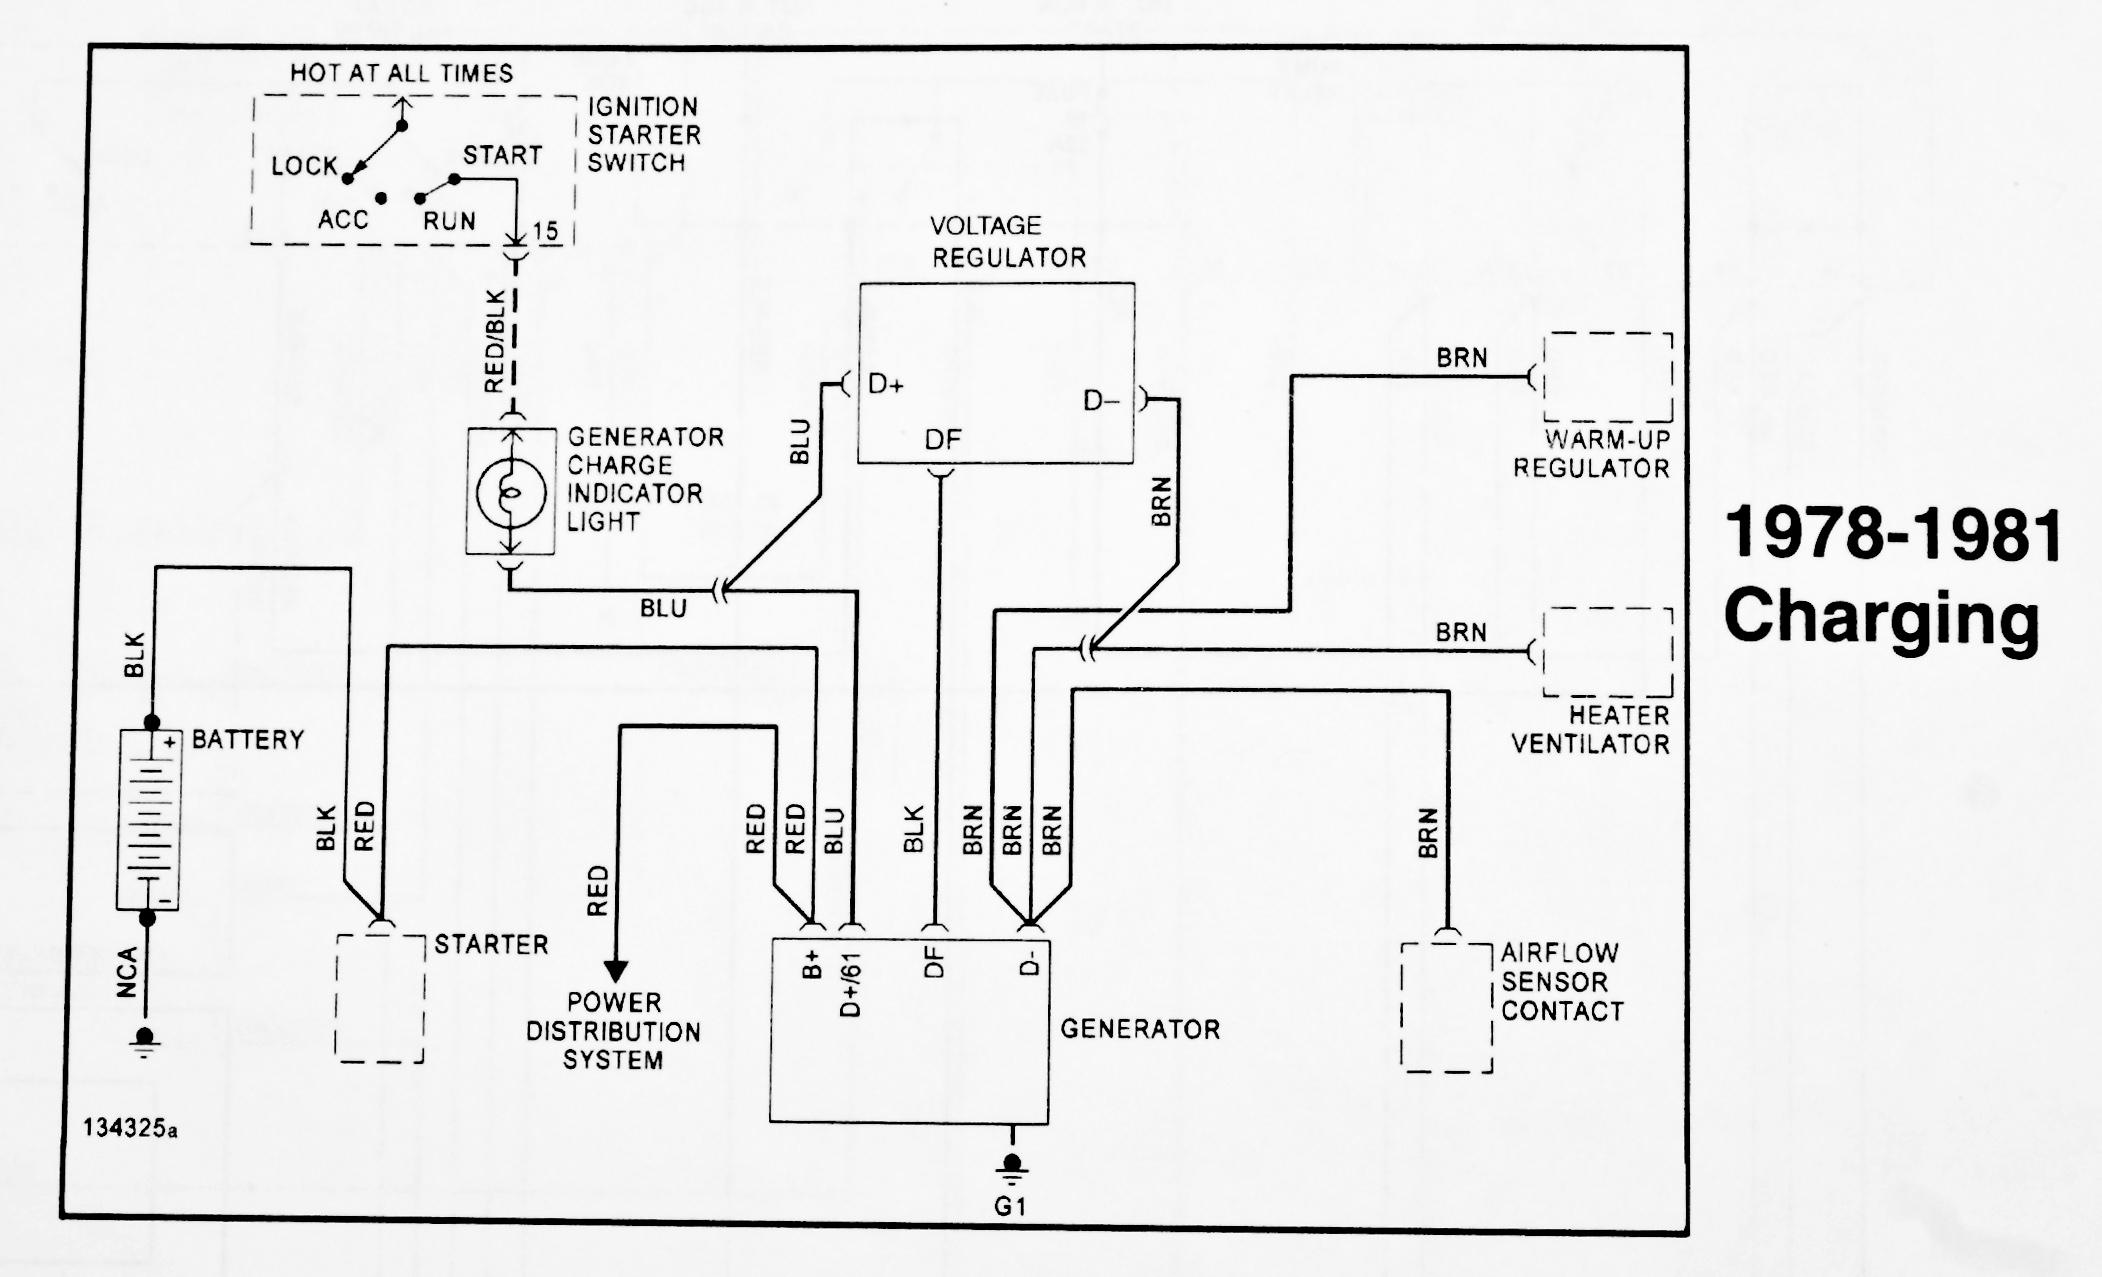 porsche 944 alternator wiring wiring diagram review porsche alternator wiring diagram porsche 944 starter wiring diagram [ 2102 x 1277 Pixel ]